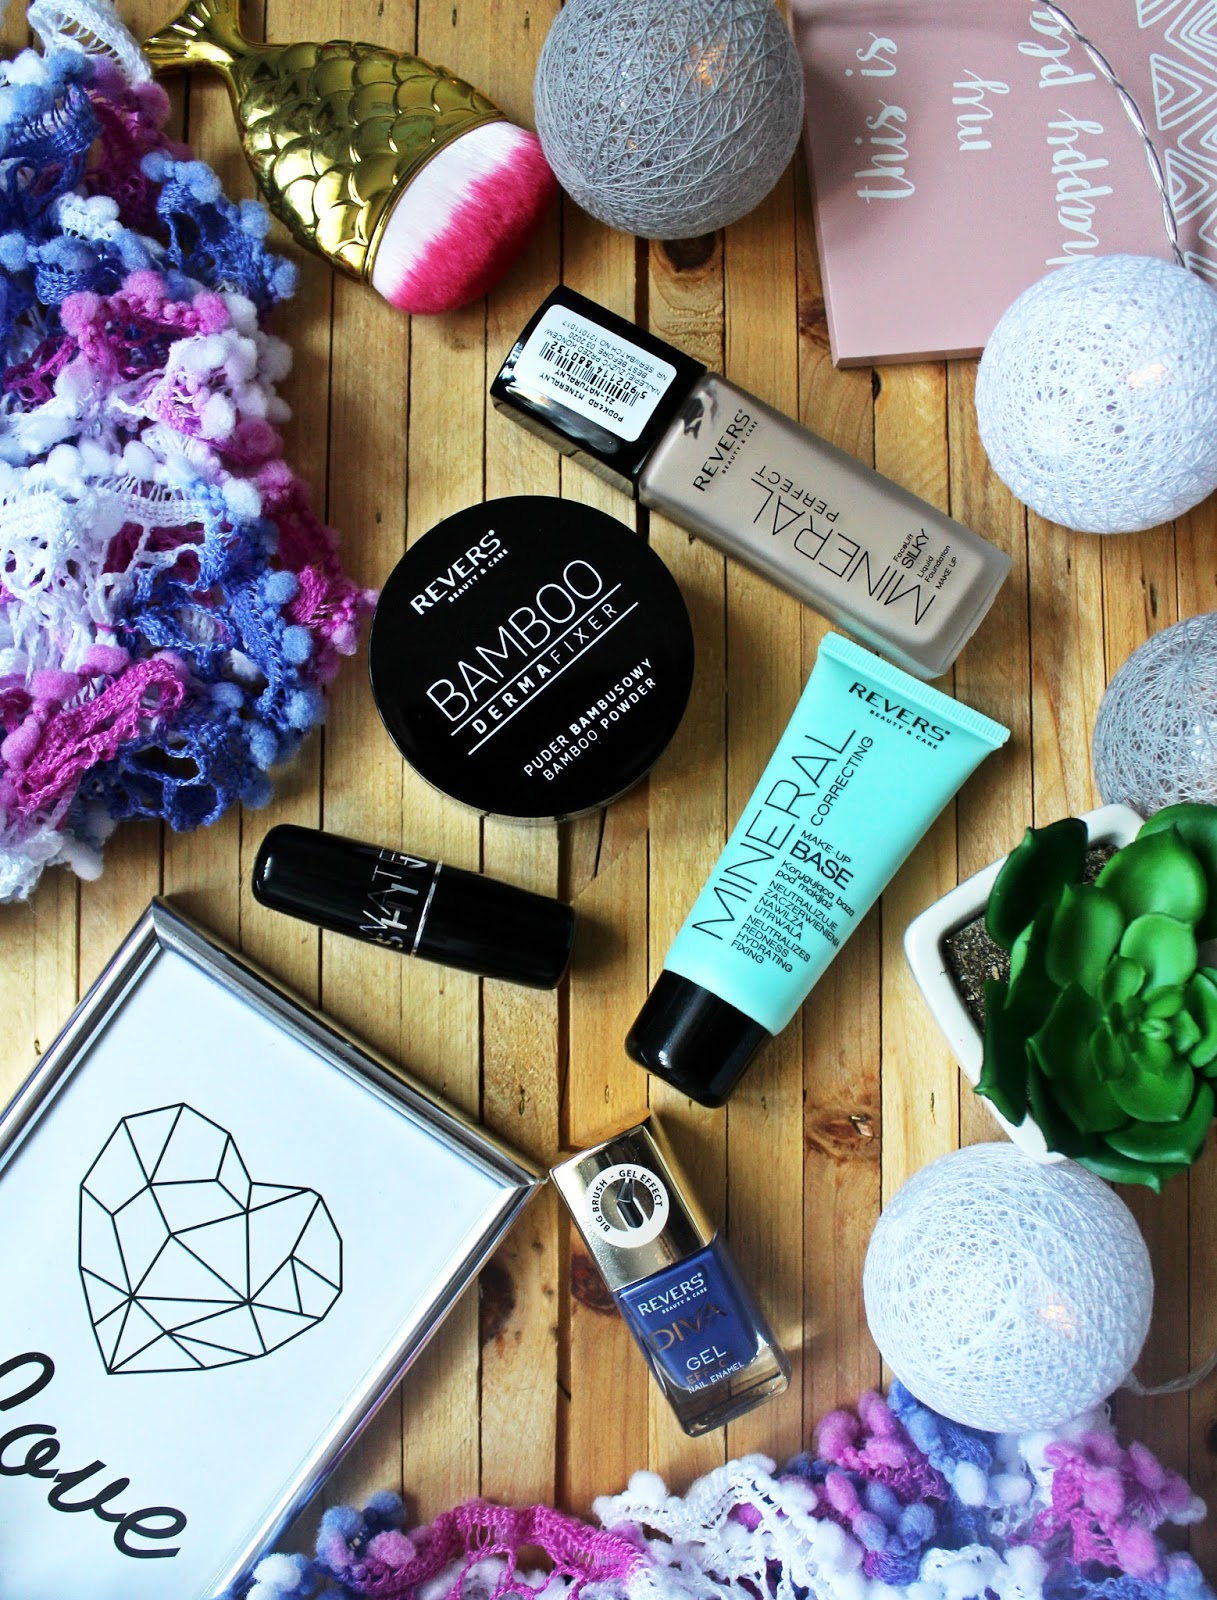 Revers cosmetics  - Czy warto kupować tanią kolorówkę? - .